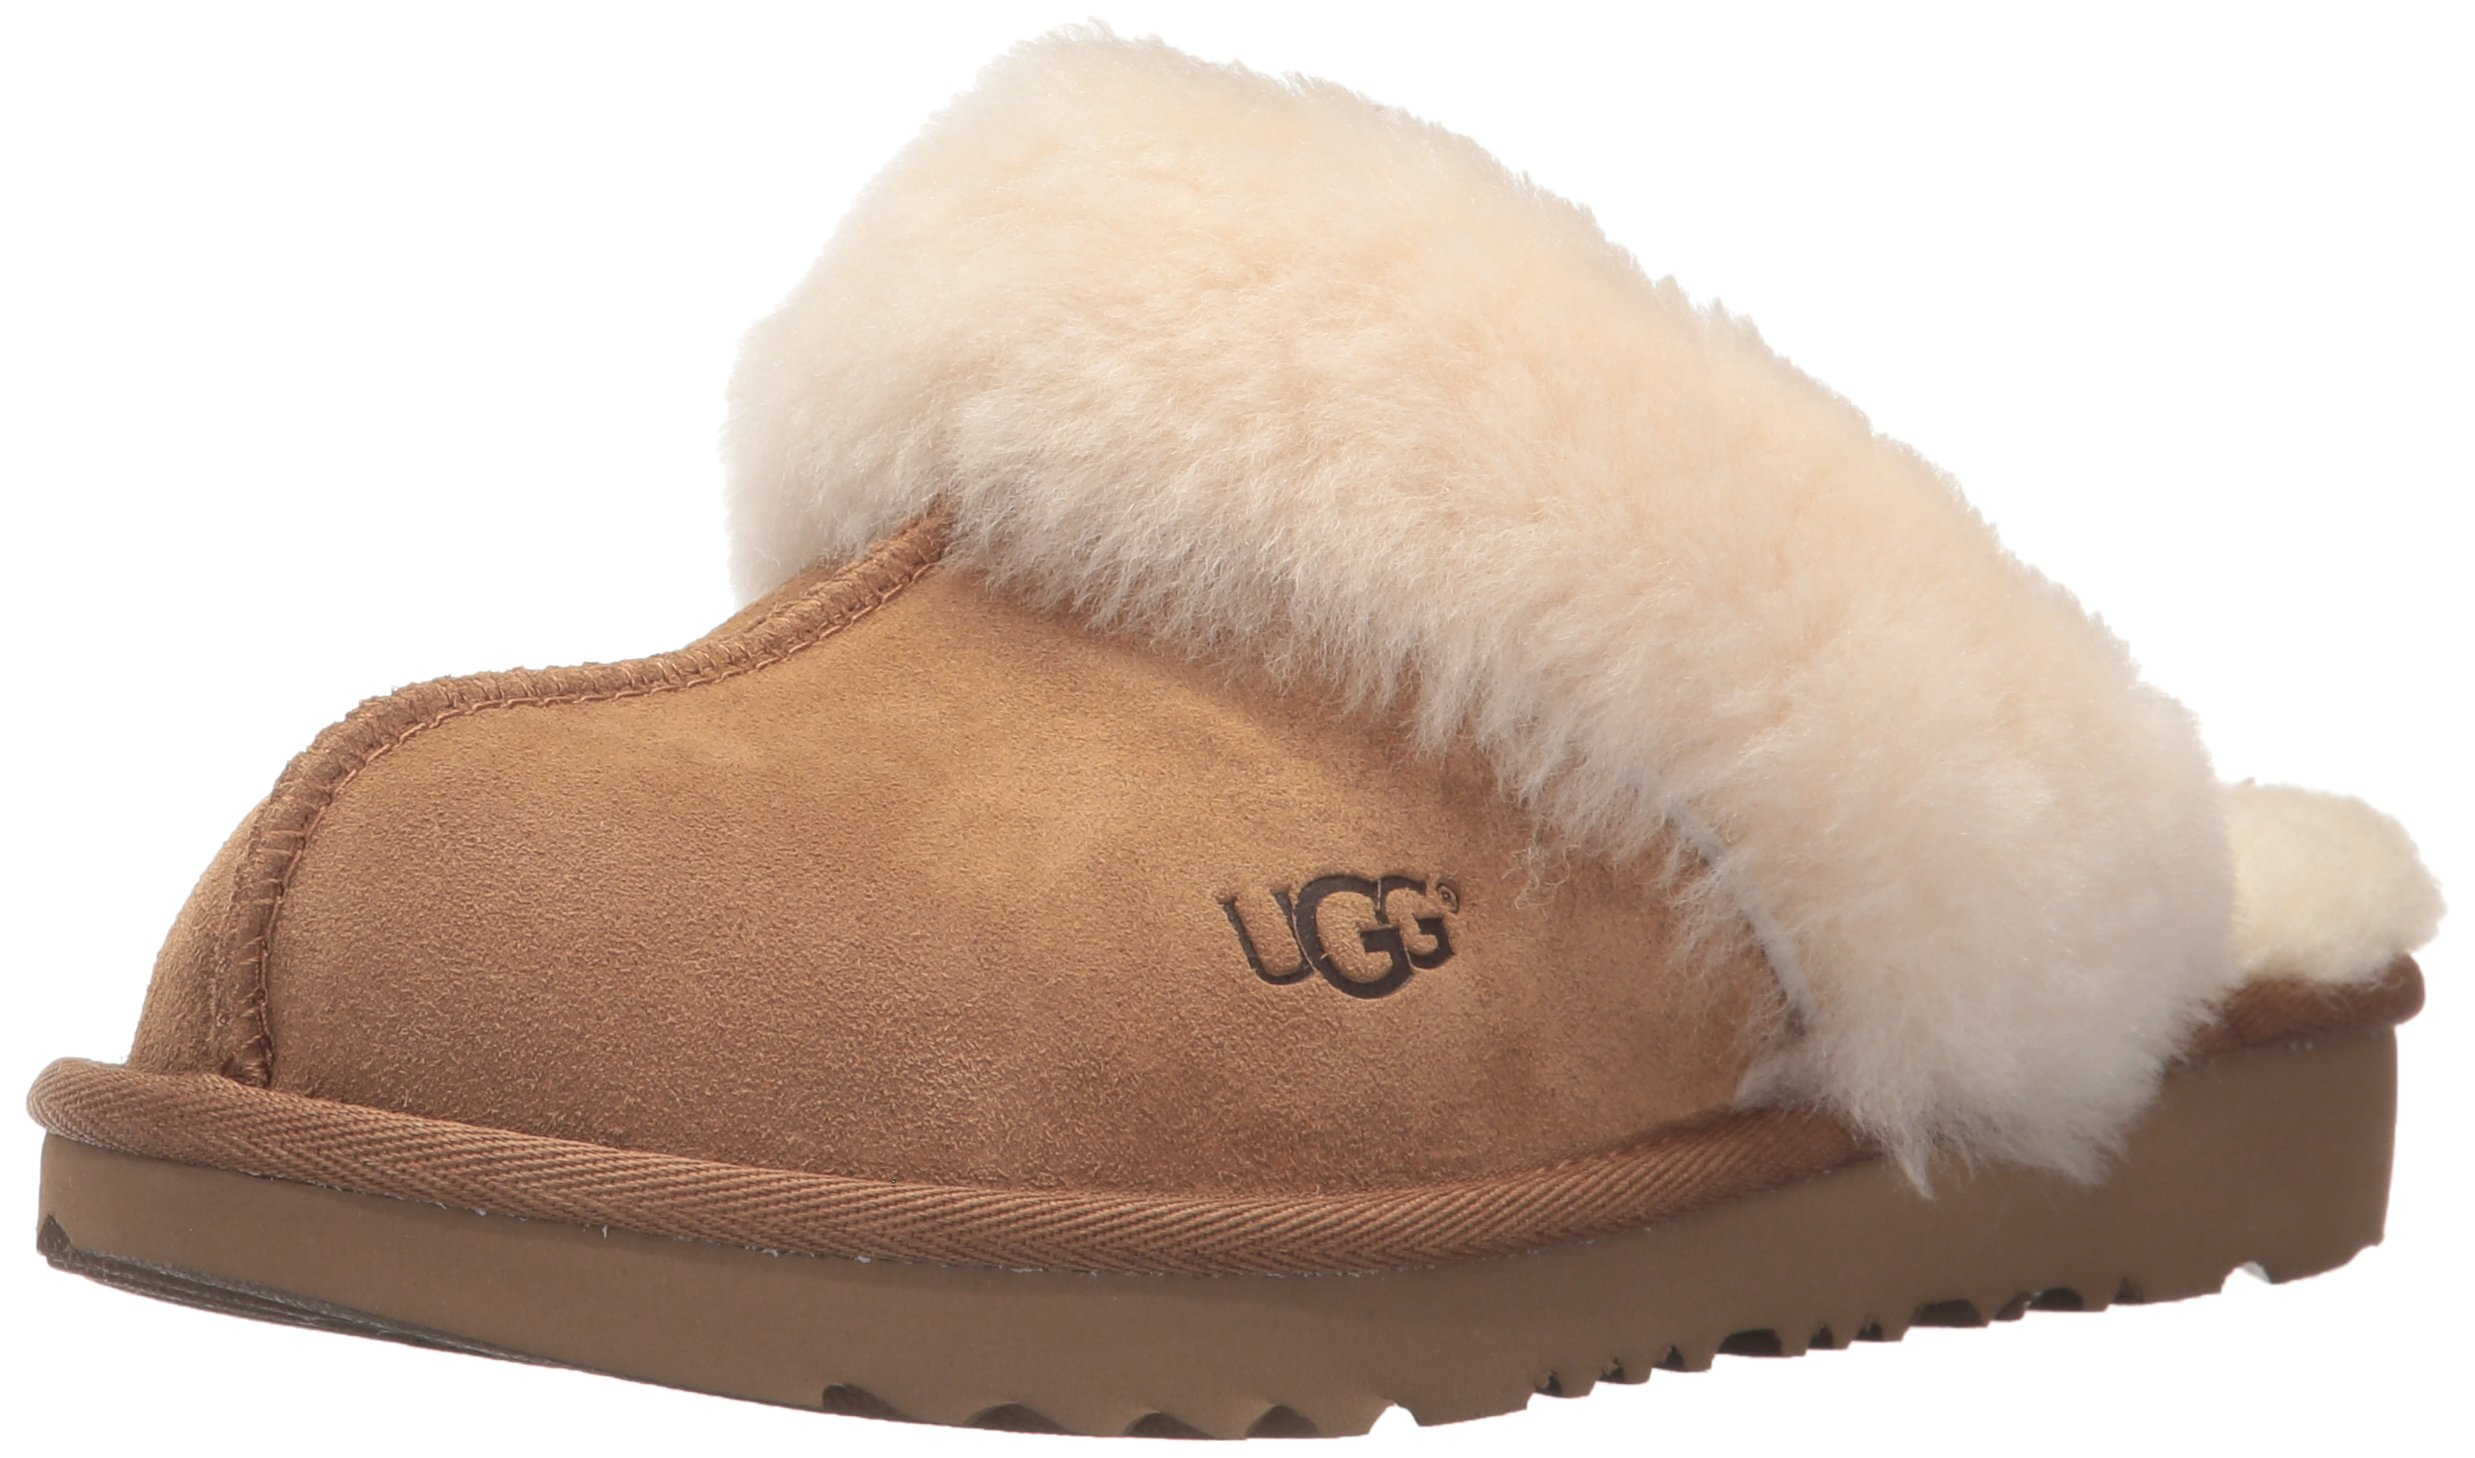 UGG Girls K Cozy II Slipper, Chestnut, 13 M US Little Kid